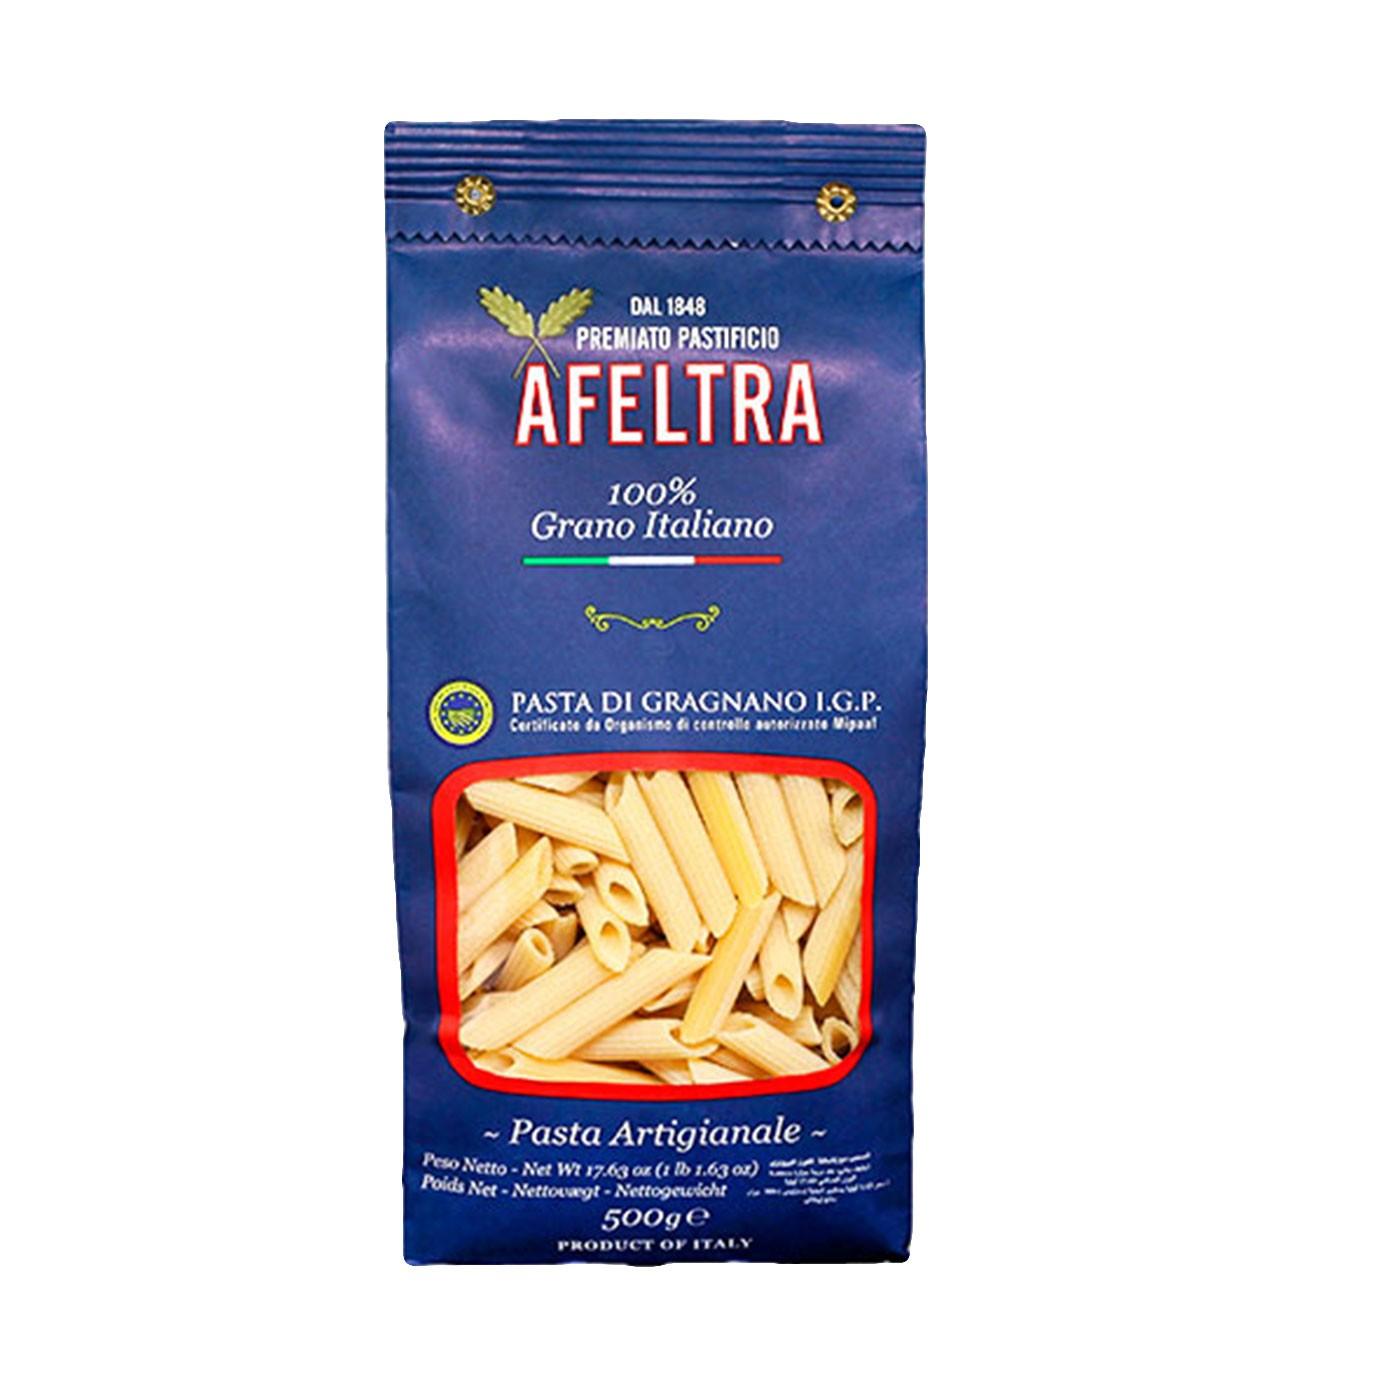 100% Italian Grain Penne Rigate 17.6oz - Afeltra